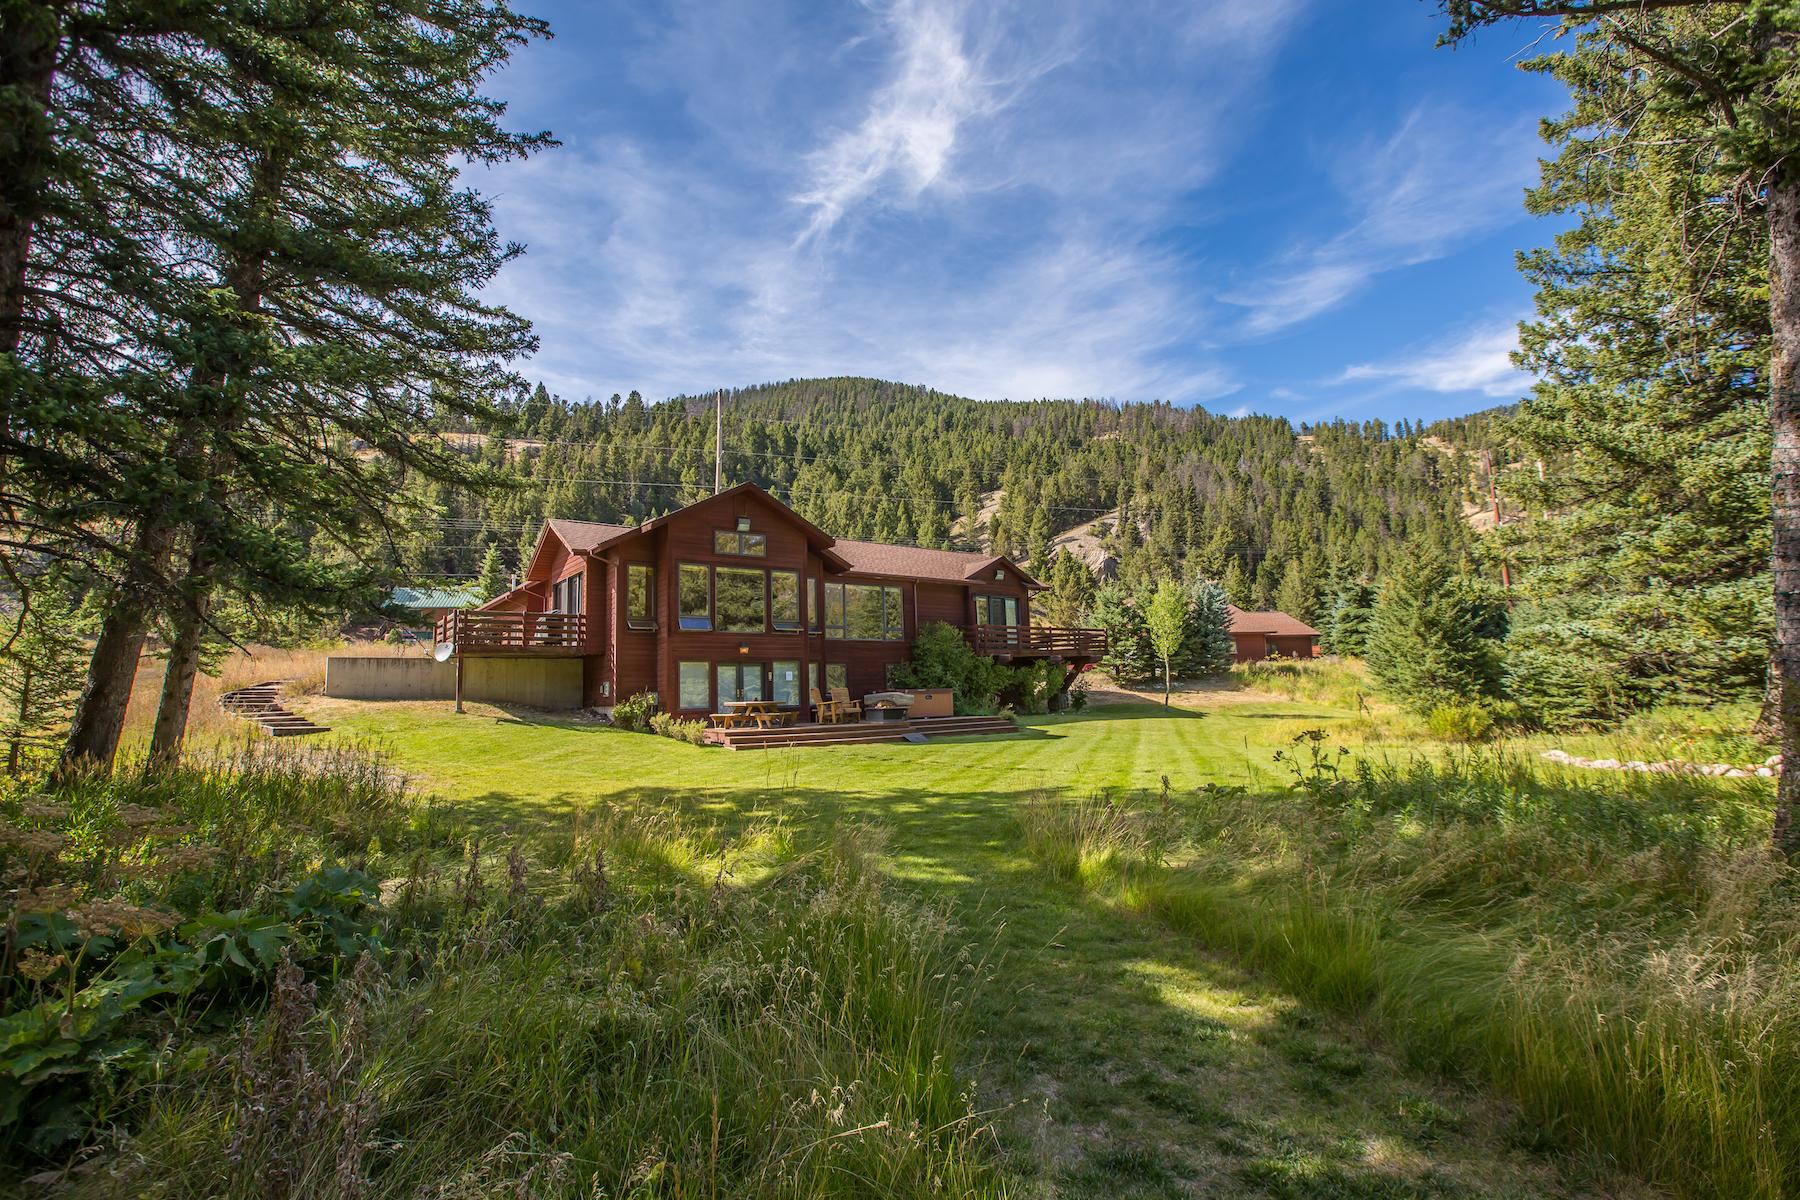 Single Family Homes für Verkauf beim Gallatin River Property 48042 Gallatin Road, Big Sky, Montana 59716 Vereinigte Staaten